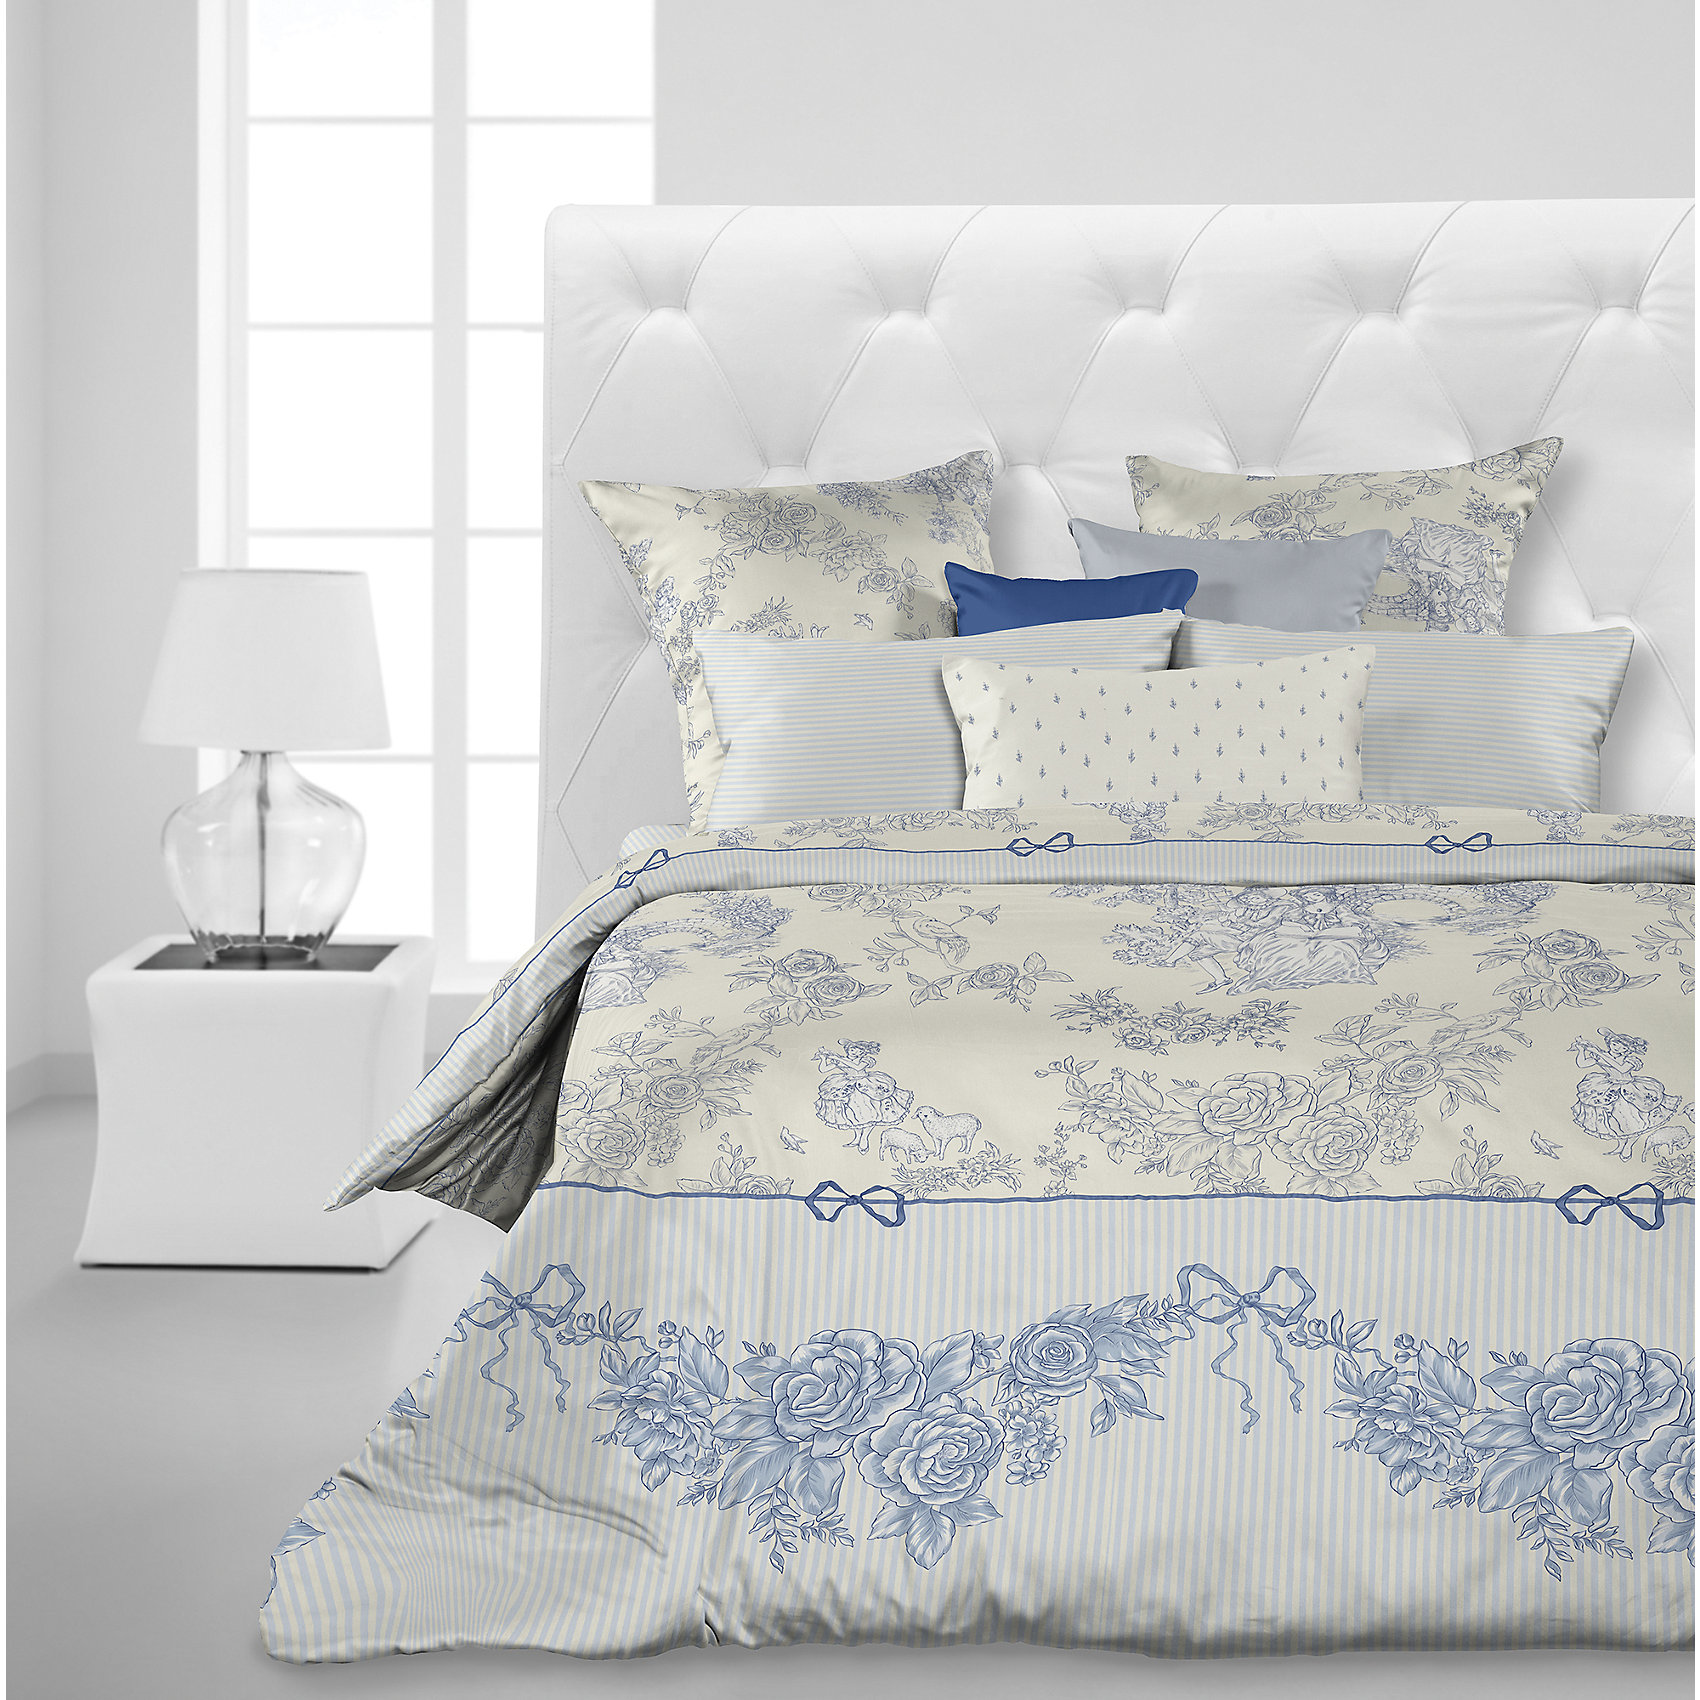 Комплект постельного белья Toile de Jouy, 2 спальное, перкаль, Carte BlancheКомплект постельного белья Toile de Jouy, 2 спальное, перкаль, Carte Blanche (Карт Бланш)<br><br>Характеристики:<br><br>• хорошо пропускает воздух, позволяет коже дышать<br>• отличается высокой прочностью и износостойкостью<br>• легко гладить<br>• привлекательный дизайн<br>• в комплекте: простыня, наволочка (2 шт.), пододеяльник<br>• материал: перкаль (100% хлопок)<br>• размер простыни:240х220 см<br>• размер наволочки: 70х70 см<br>• размер пододеяльника: 175х215 см<br>• размер упаковки: 7х28х38 см<br>• вес: 2100 грамм<br><br>Комплект Toile de Jouy - отличный подарок для ценителей комфортного сна. Белье изготовлено из перкаля, известного такими свойствами как прочность и износостойкость. Оно очень приятно телу и, кроме того, оно хорошо пропускает воздух, благодаря чему кожа дышит во время отдыха. Хозяек белье из перкали порадует неприхотливостью в уходе. Комплект декорирован роскошным узором, который украсит вашу спальню. В комплект входят две наволочки, простынь и пододеяльник.<br><br>Комплект постельного белья Toile de Jouy, 2 спальное, перкаль, Carte Blanche (Карт Бланш) вы можете купить в нашем интернет-магазине.<br><br>Ширина мм: 380<br>Глубина мм: 280<br>Высота мм: 70<br>Вес г: 2100<br>Возраст от месяцев: 36<br>Возраст до месяцев: 216<br>Пол: Женский<br>Возраст: Детский<br>SKU: 5430852